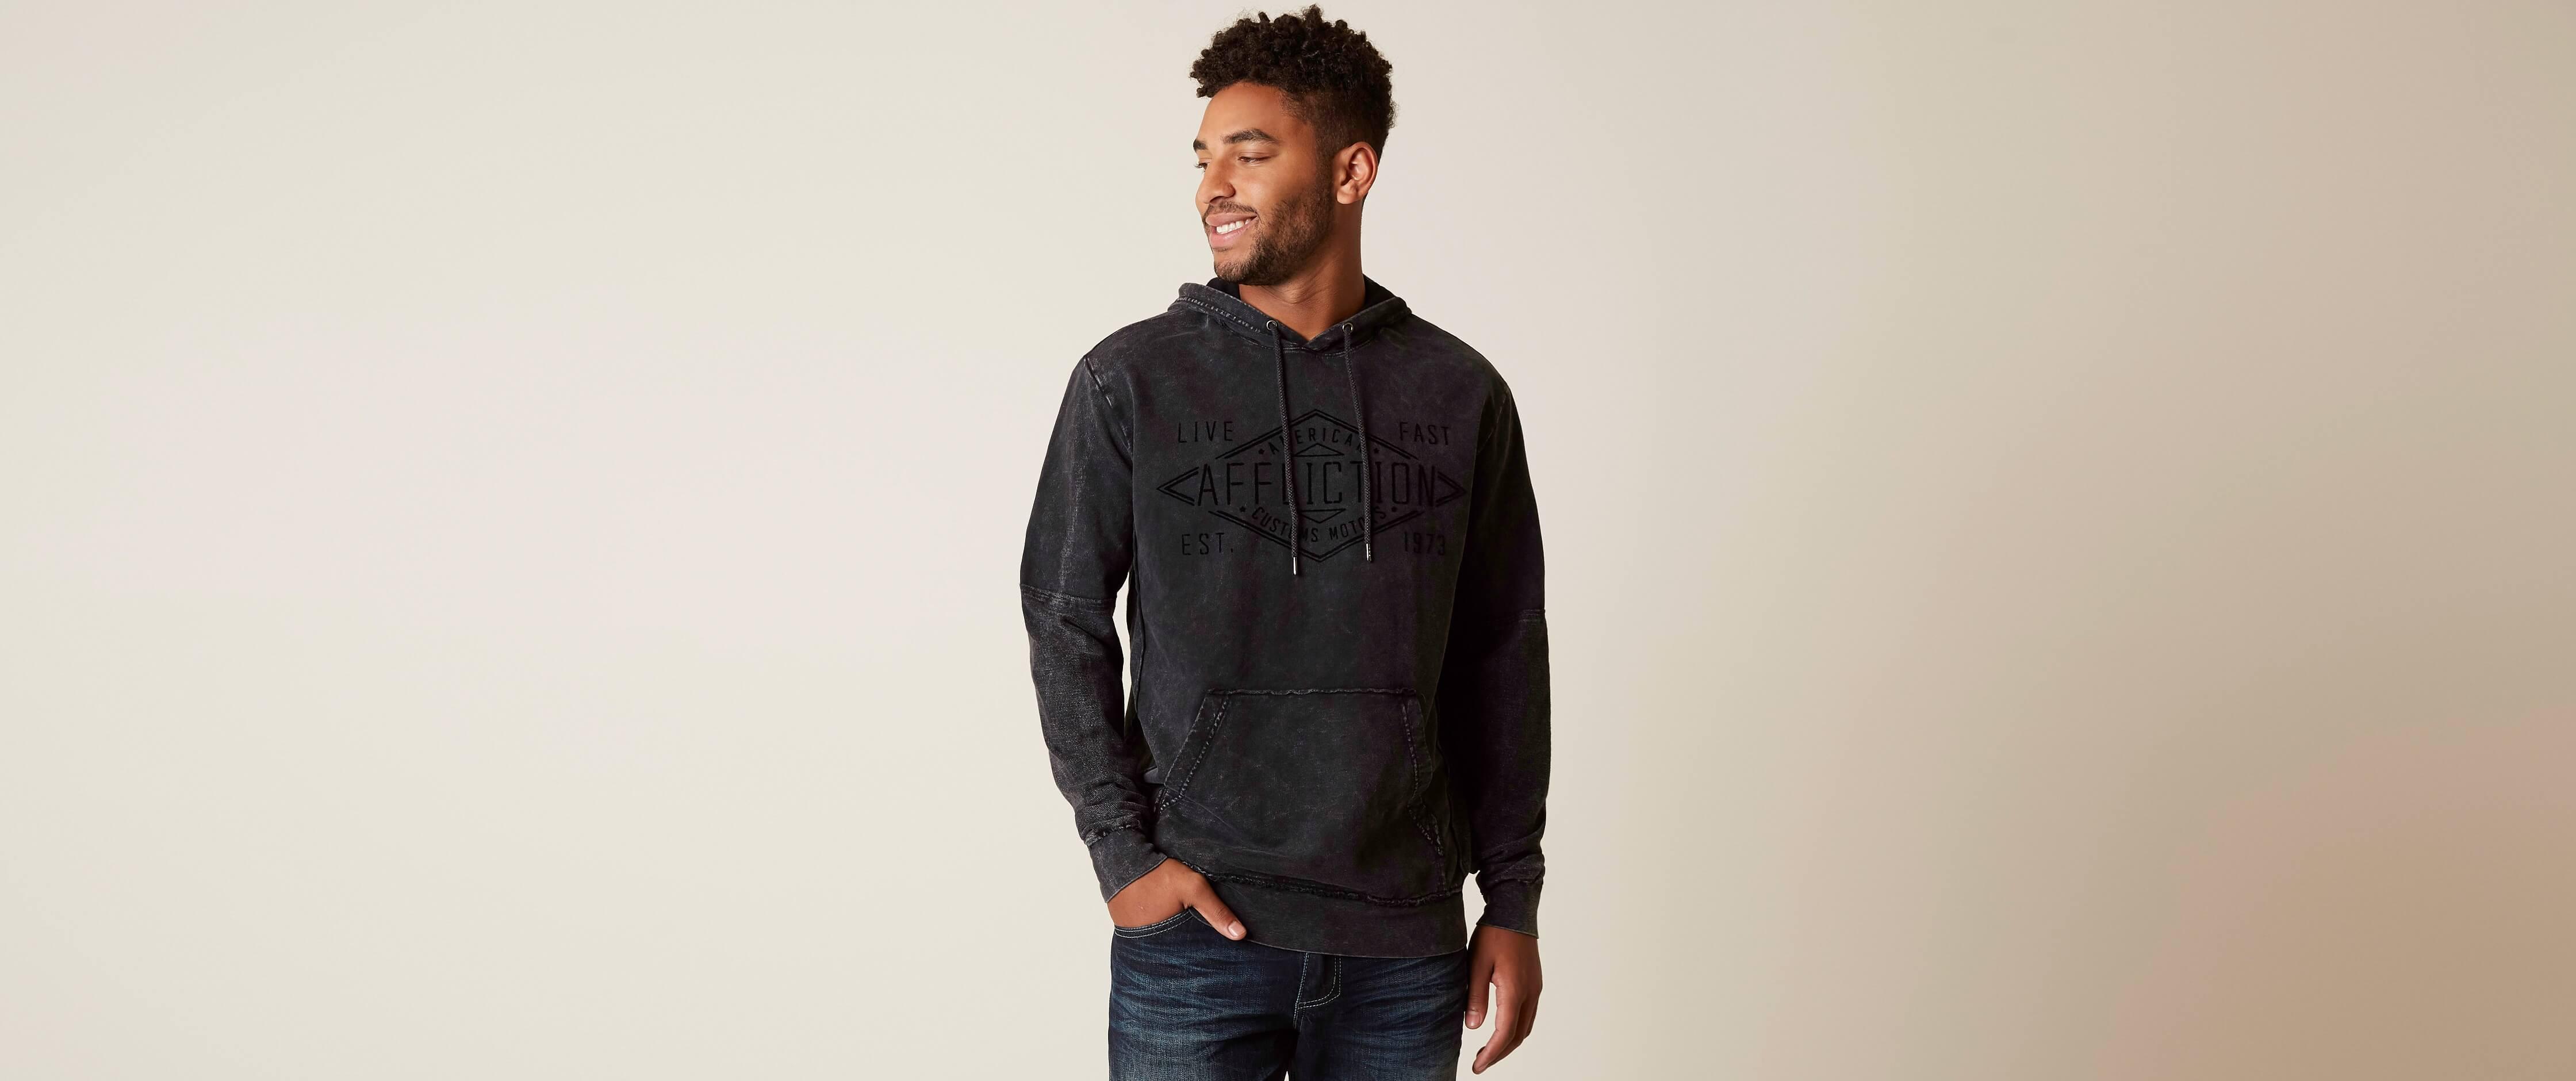 Affliction Double Jeopardy Sweatshirt